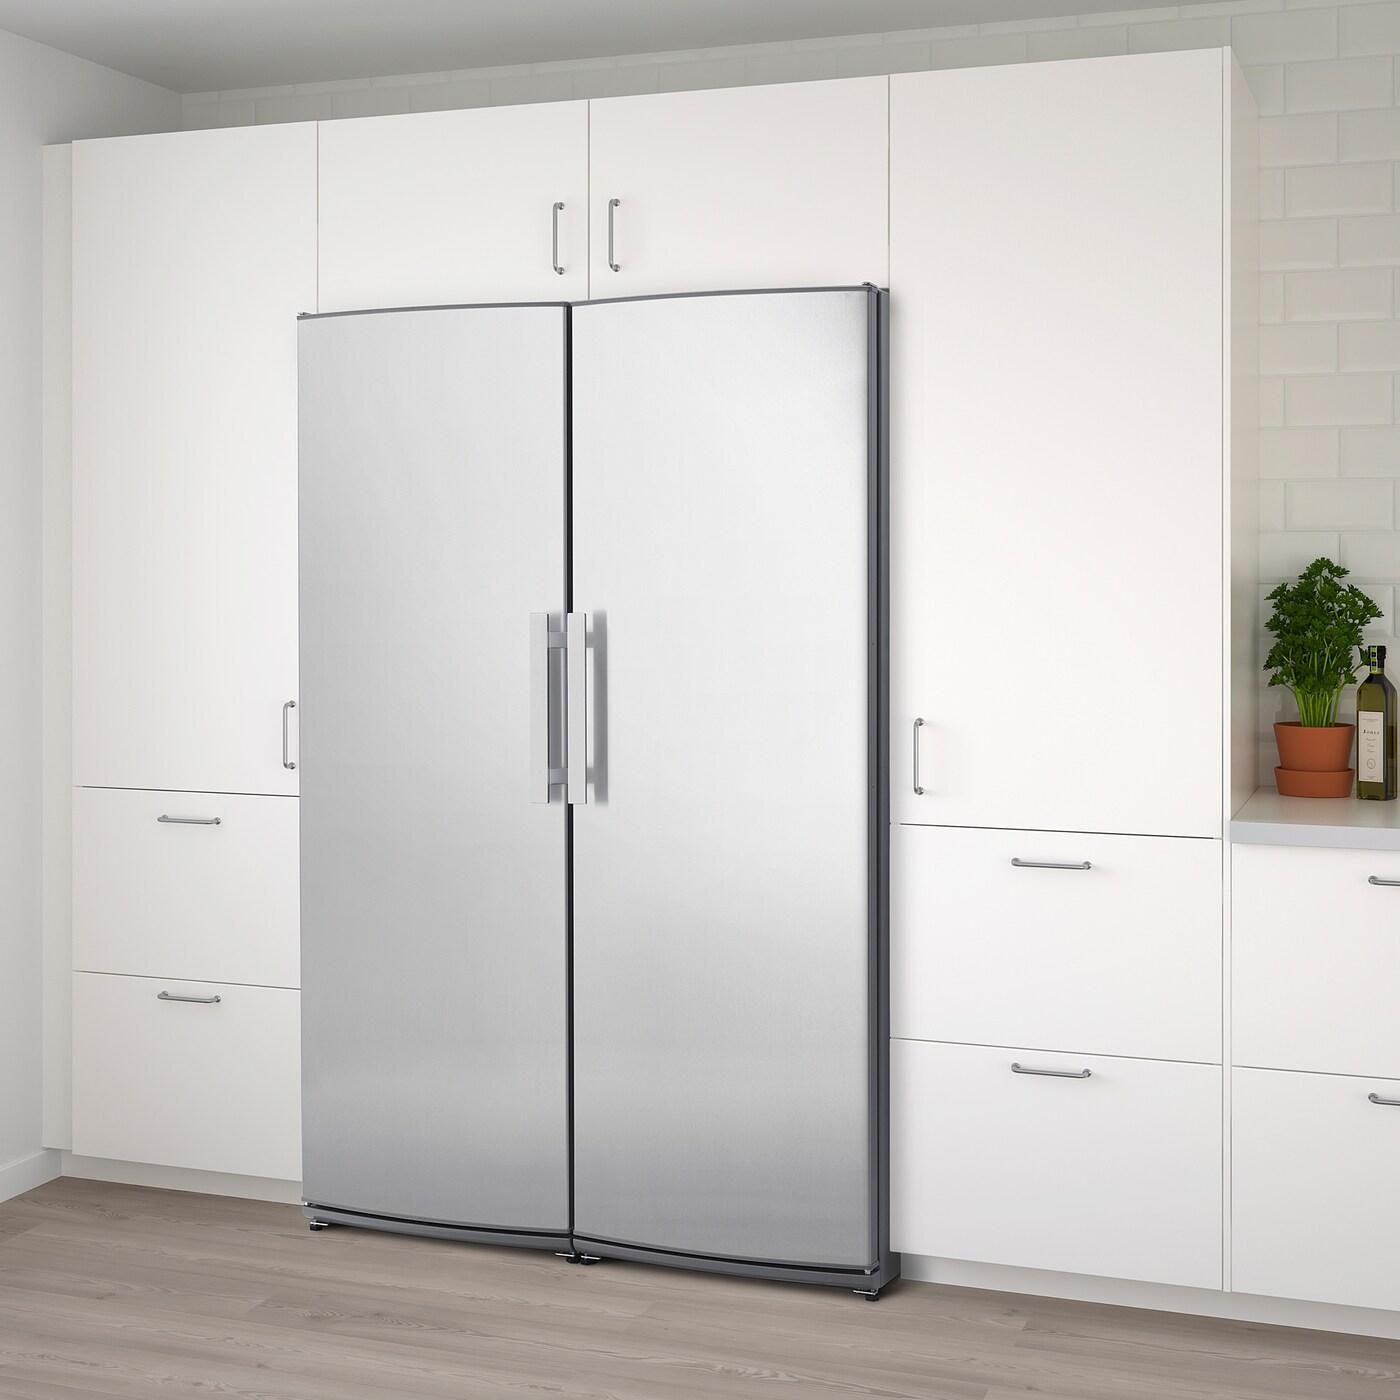 KYLANDE Kühlschrank, Edelstahl, 387 l